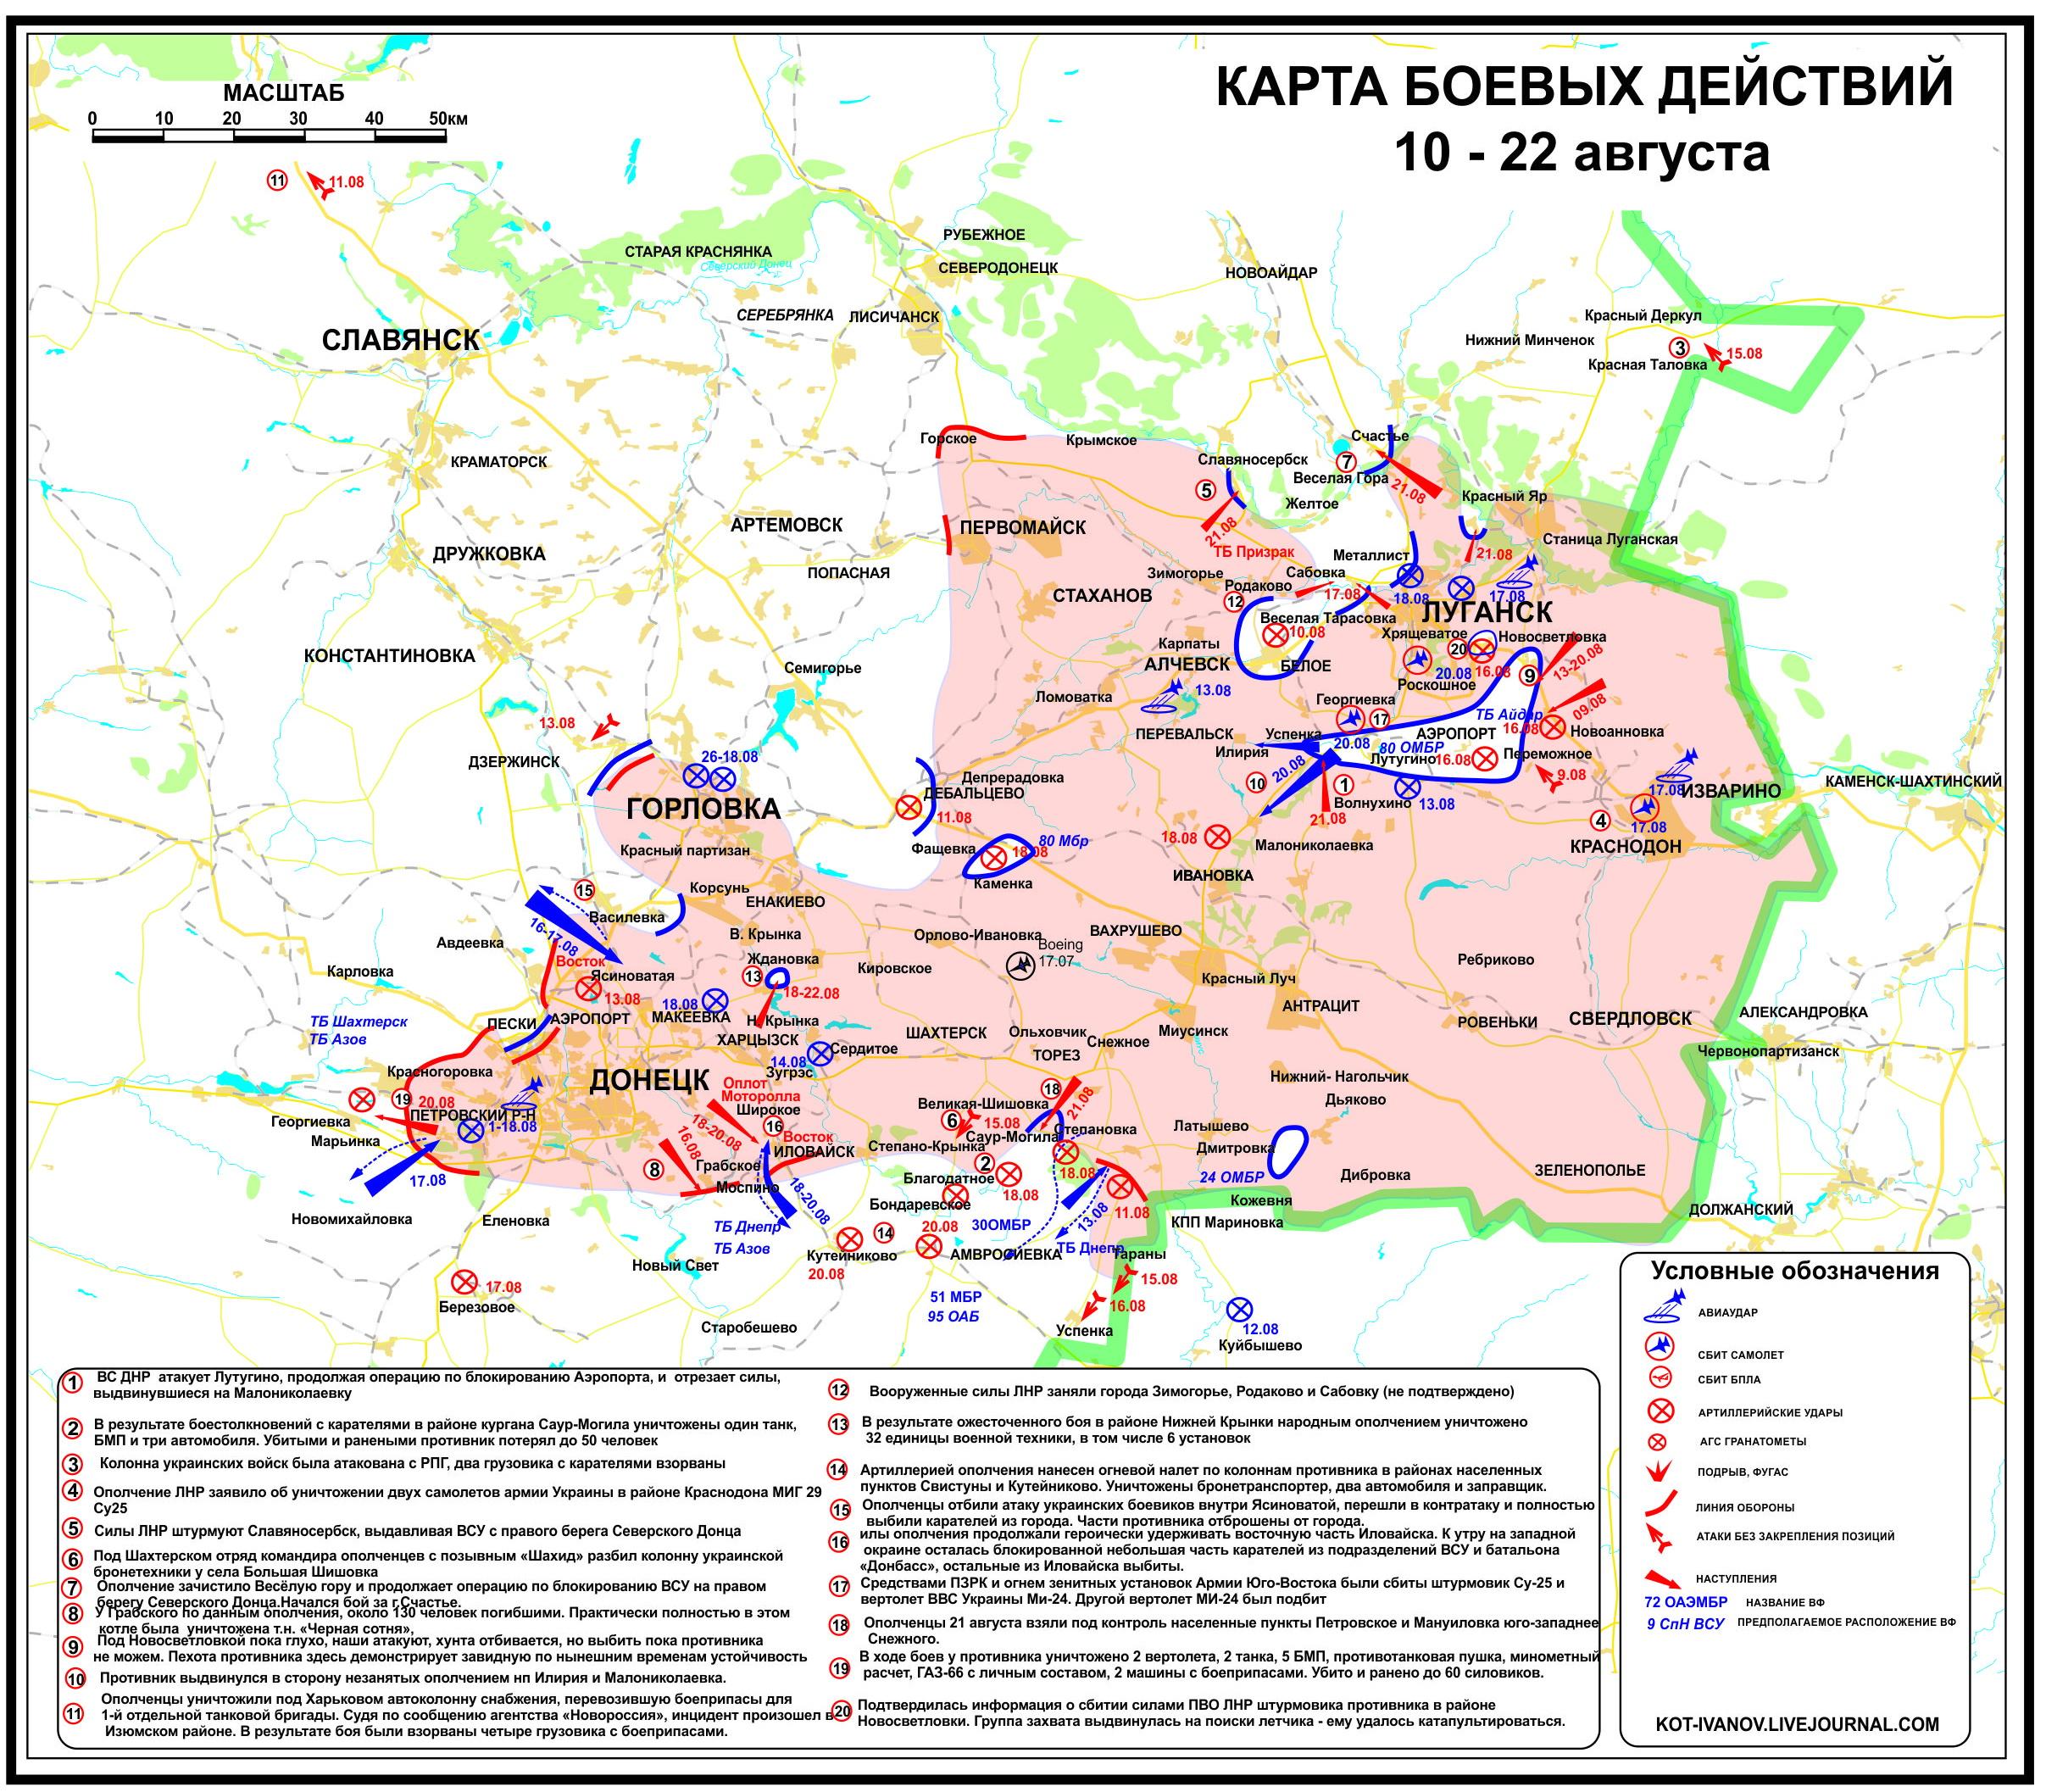 http://ic.pics.livejournal.com/kot_ivanov/71733898/22427/22427_original.jpg